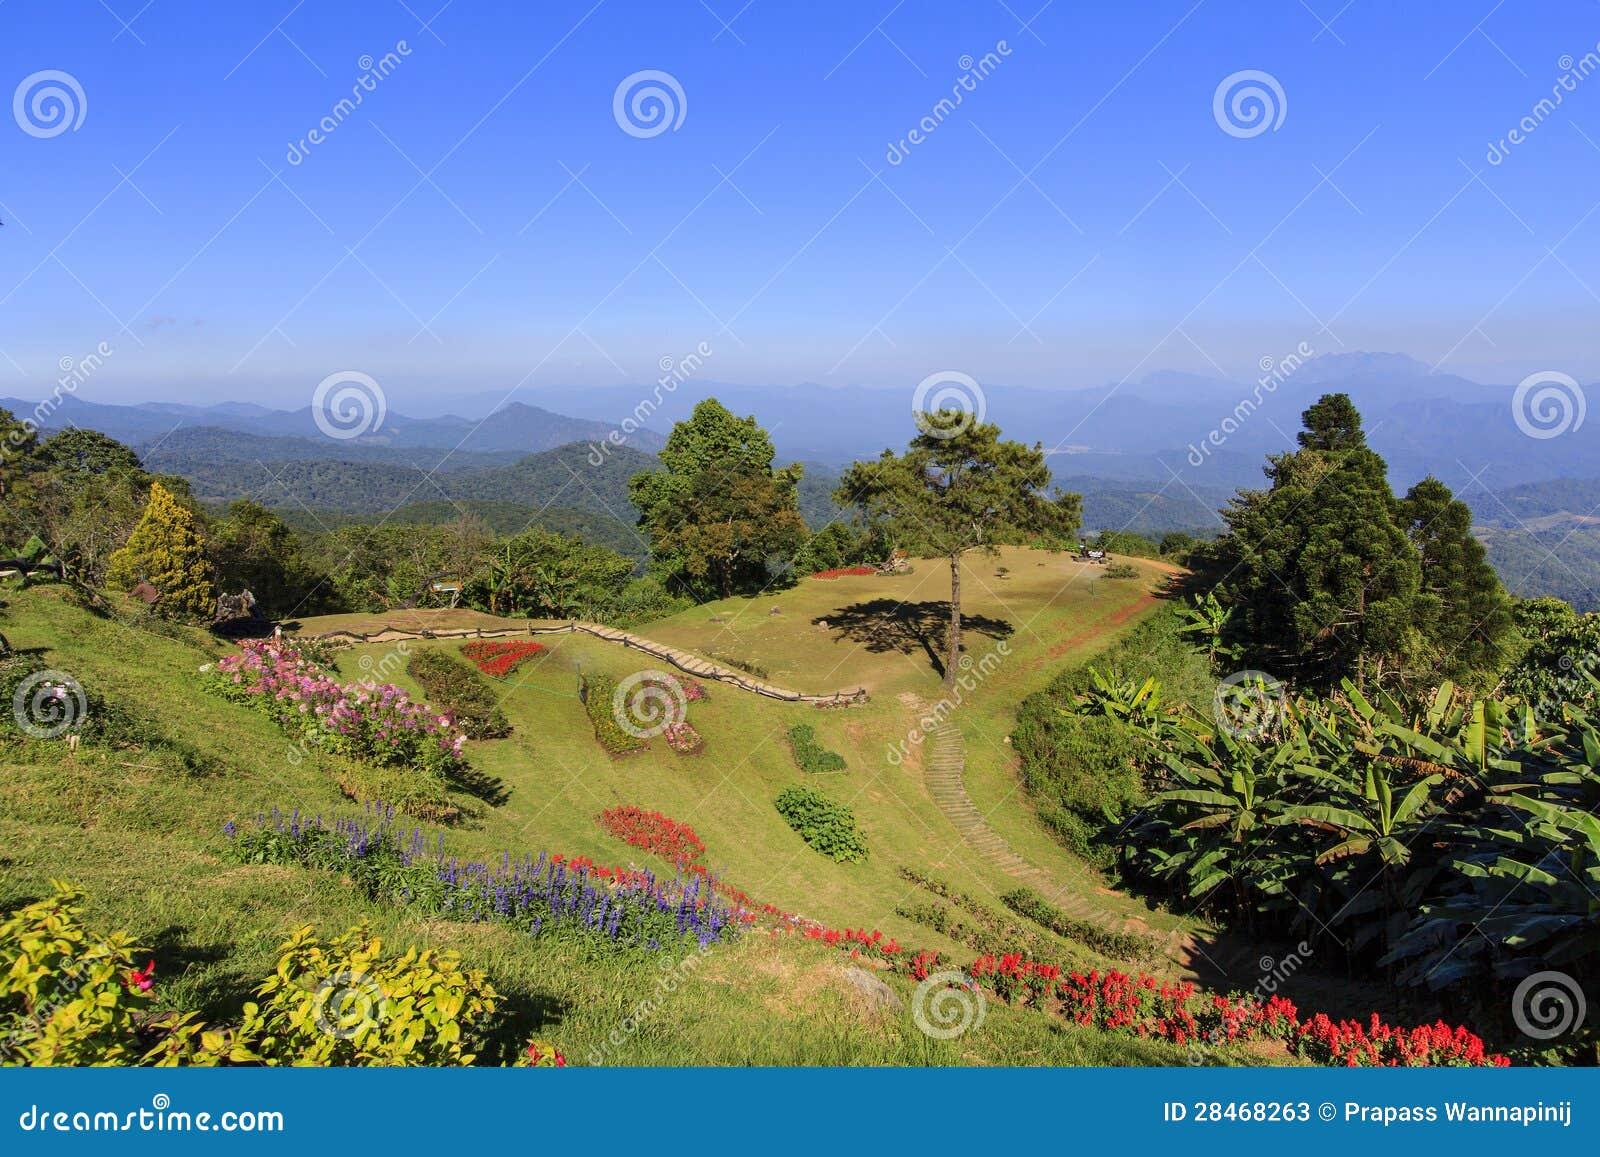 Localit di soggiorno di montagna con il giardino di fiore - Giardini di montagna foto ...